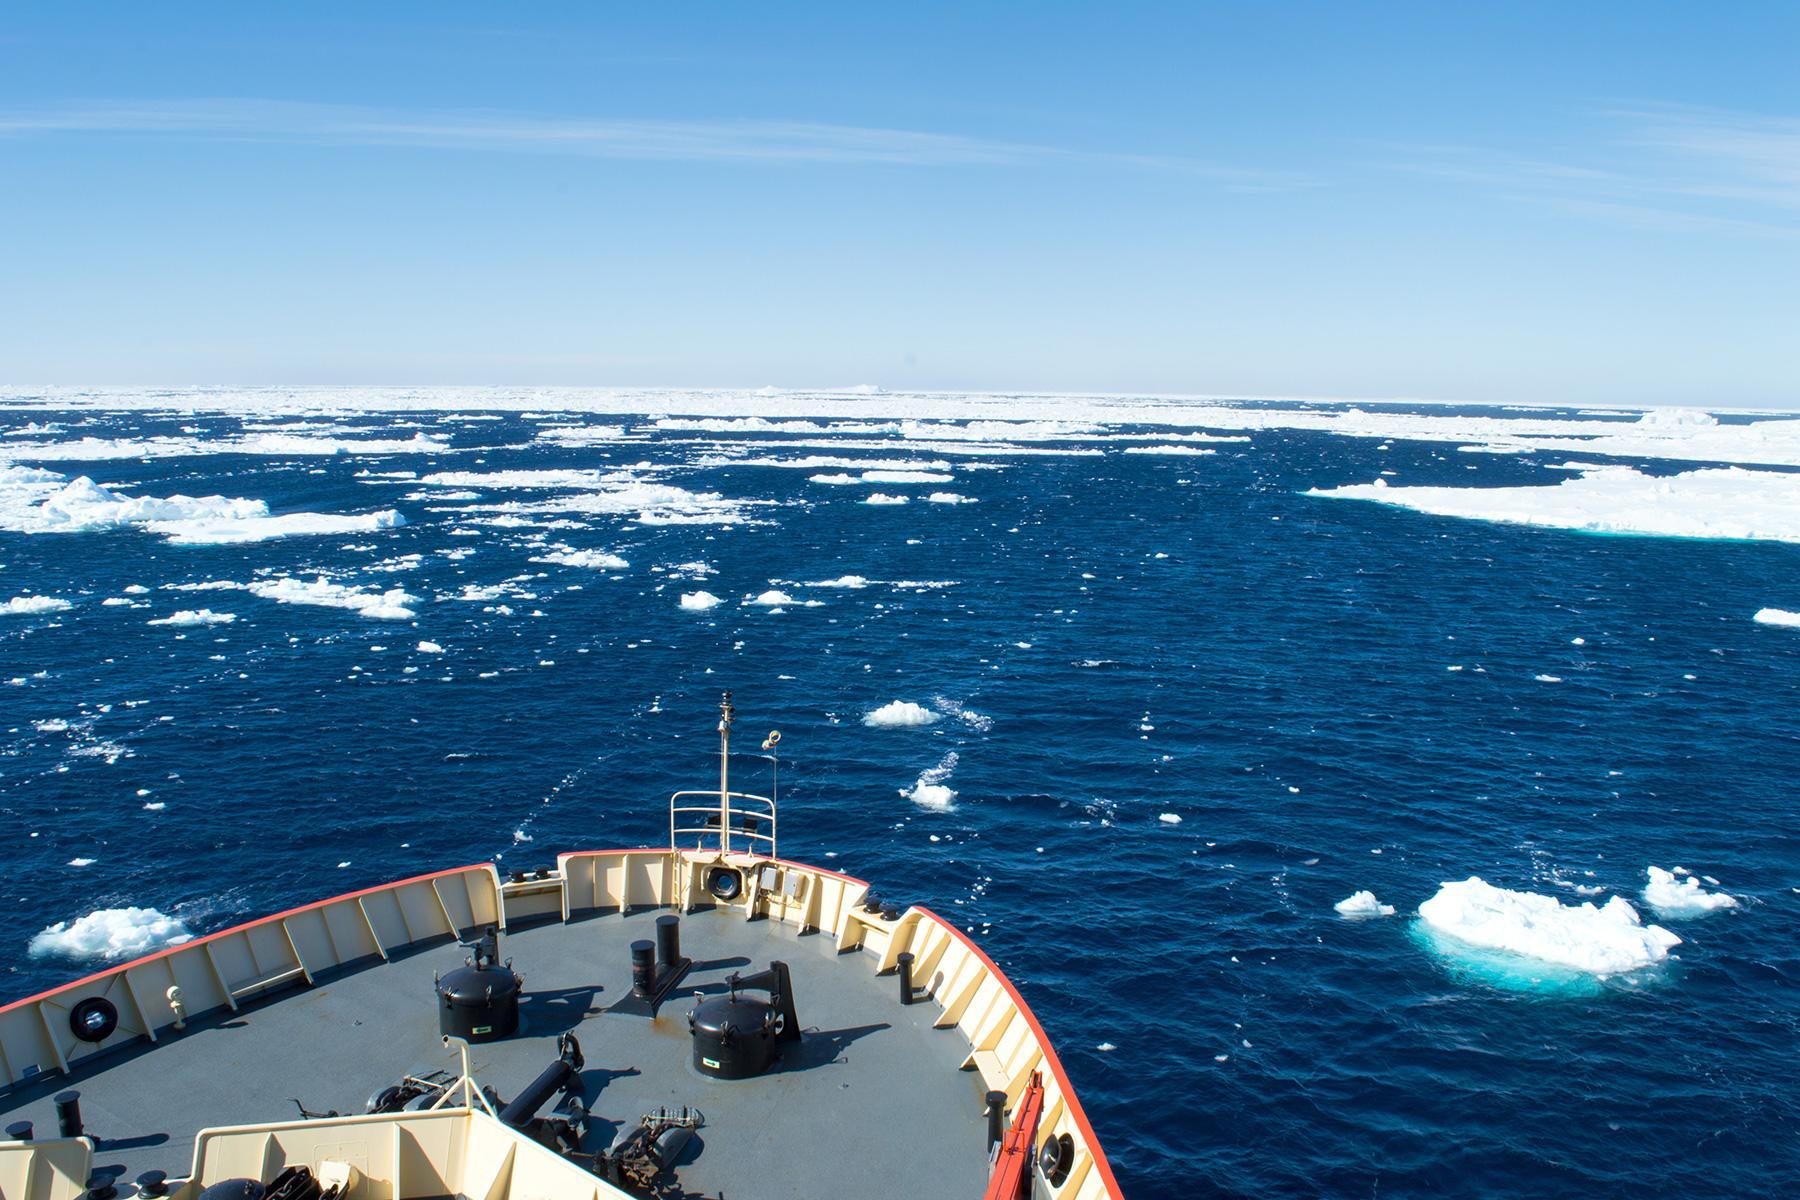 1_Antartica101_BookSmallShip_shutterstock_1032336601_1